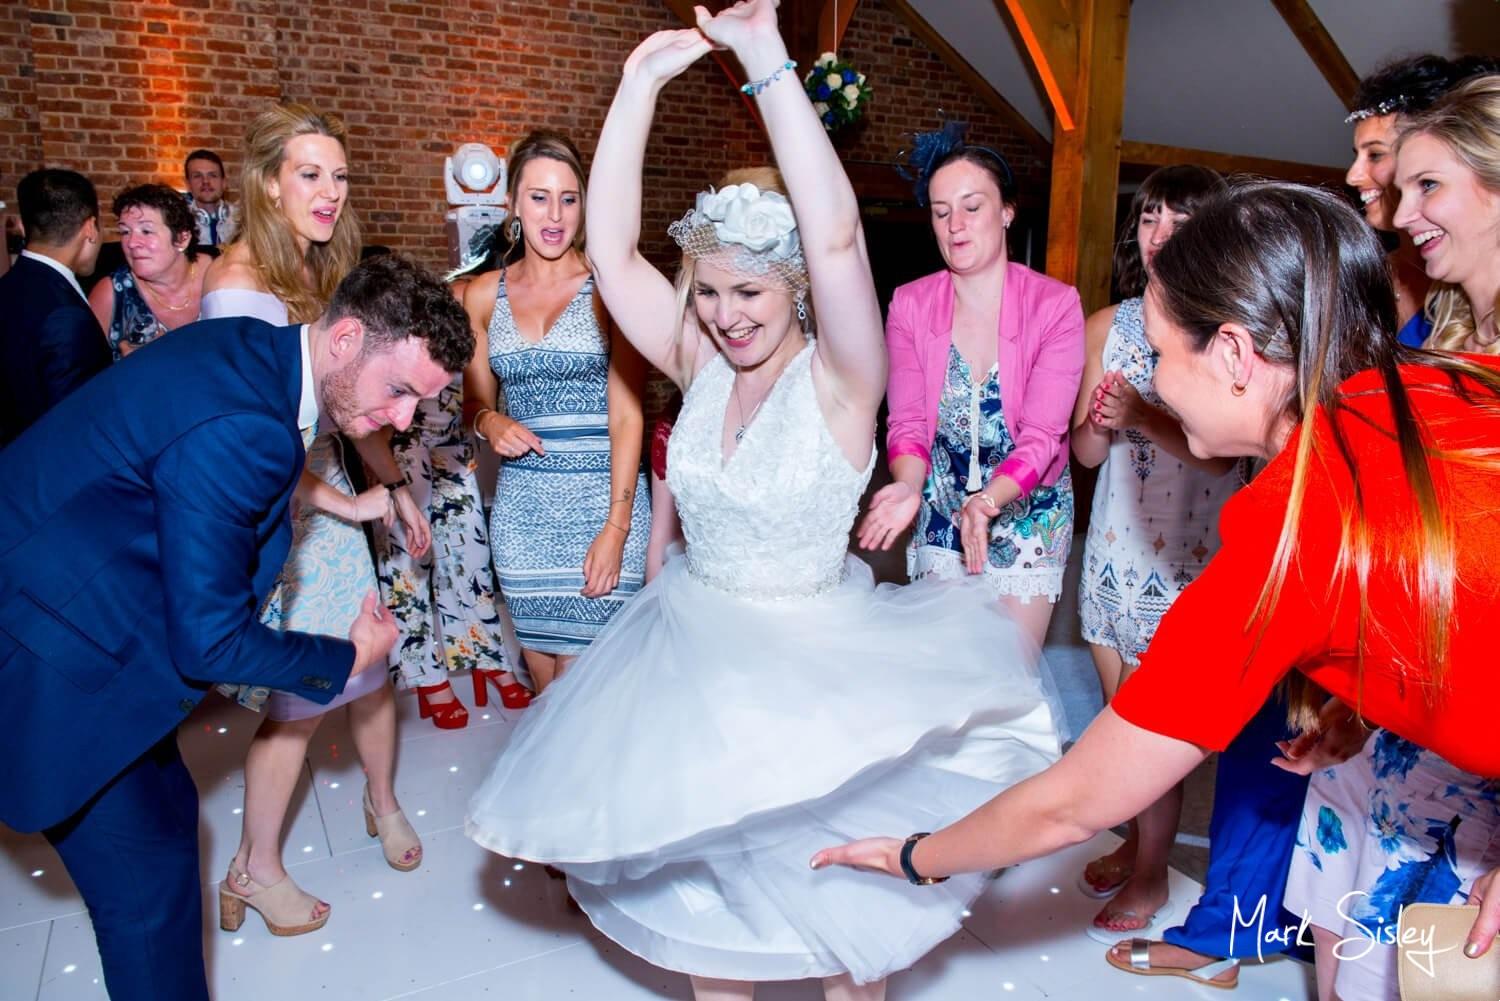 Brocket Hall wedding photography of the bride on the dancefloor